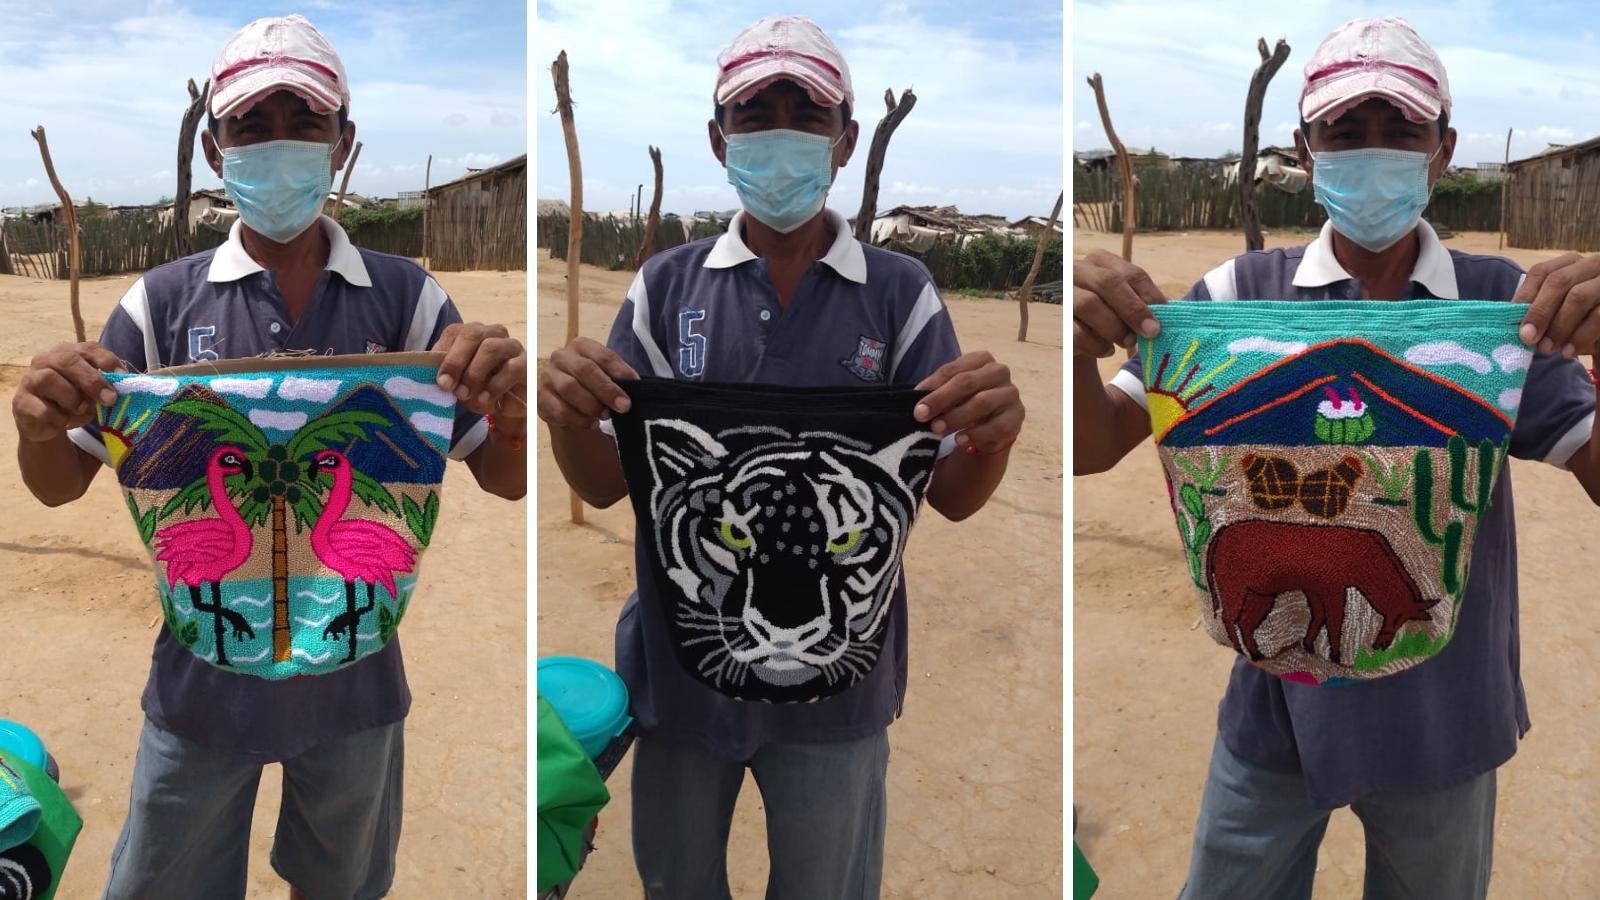 Un desplazado wayuu reconstruye su vida bordando tapices en Uribia